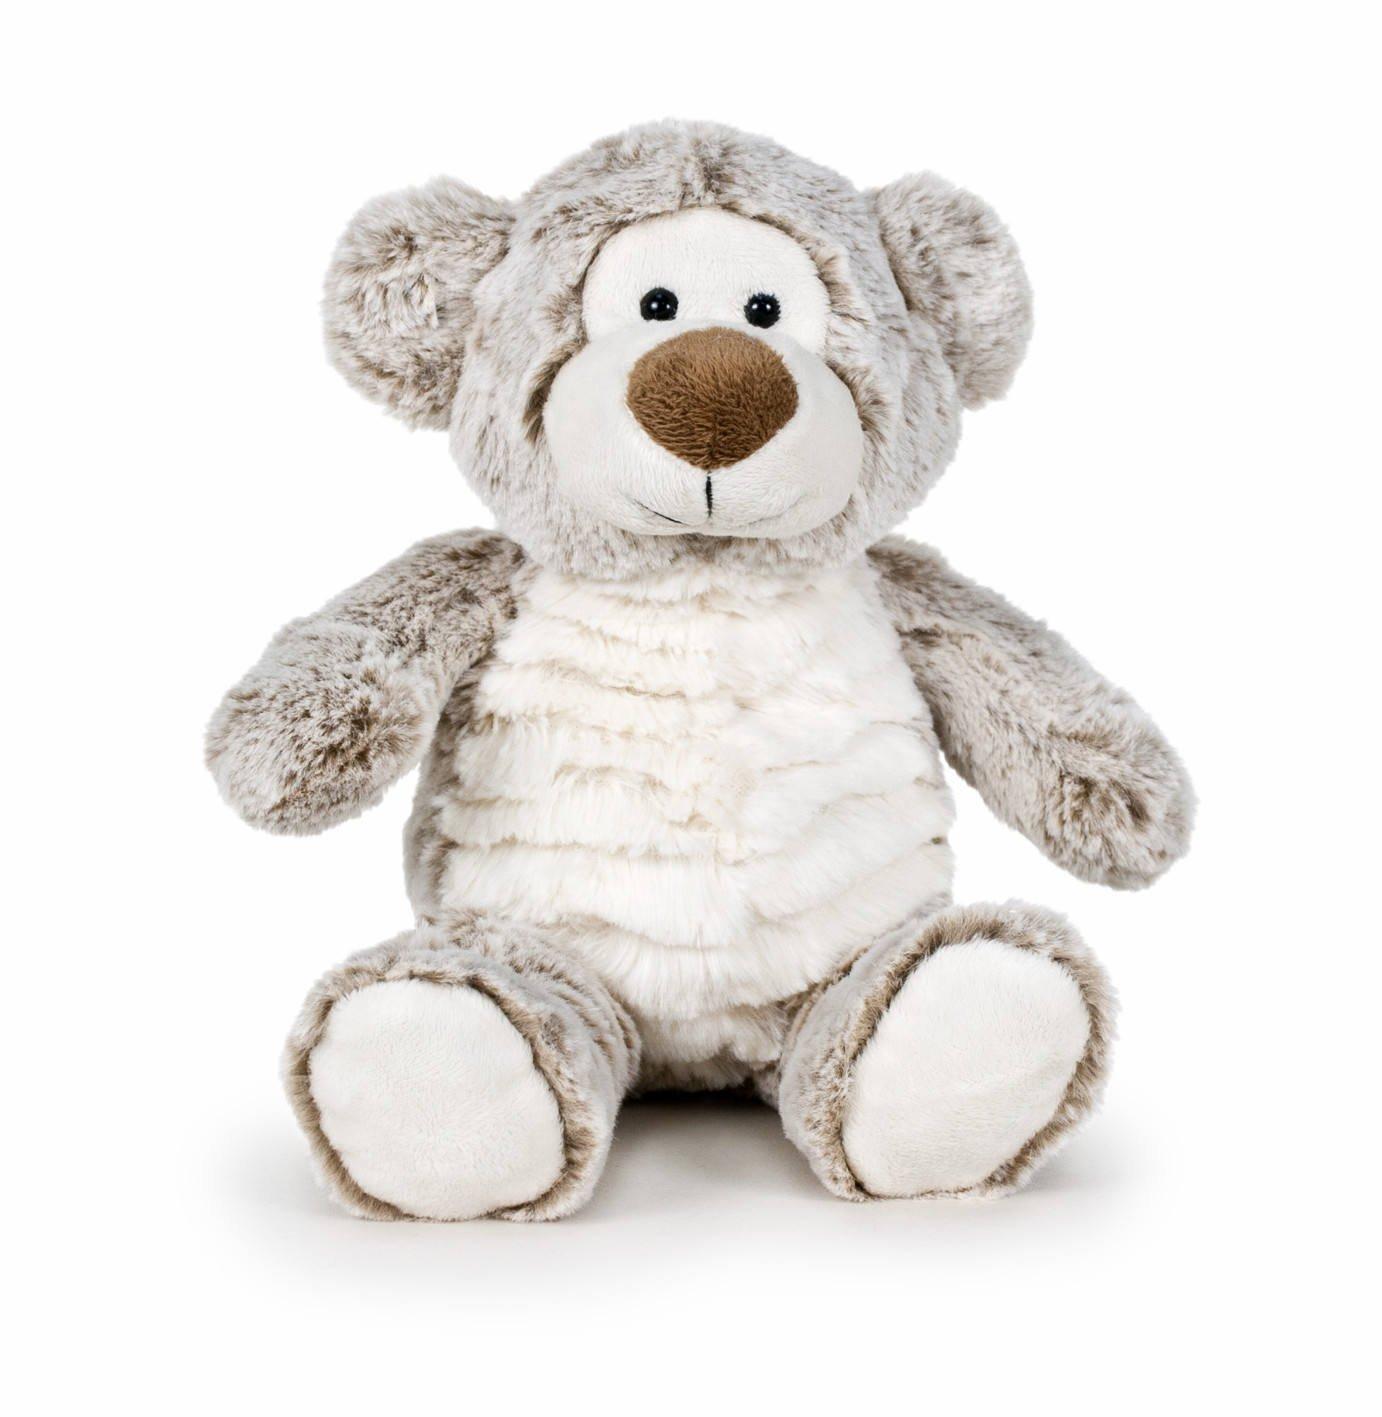 Famosa Softies Peluche Animales Boutique Oso (760010042): Amazon.es: Juguetes y juegos